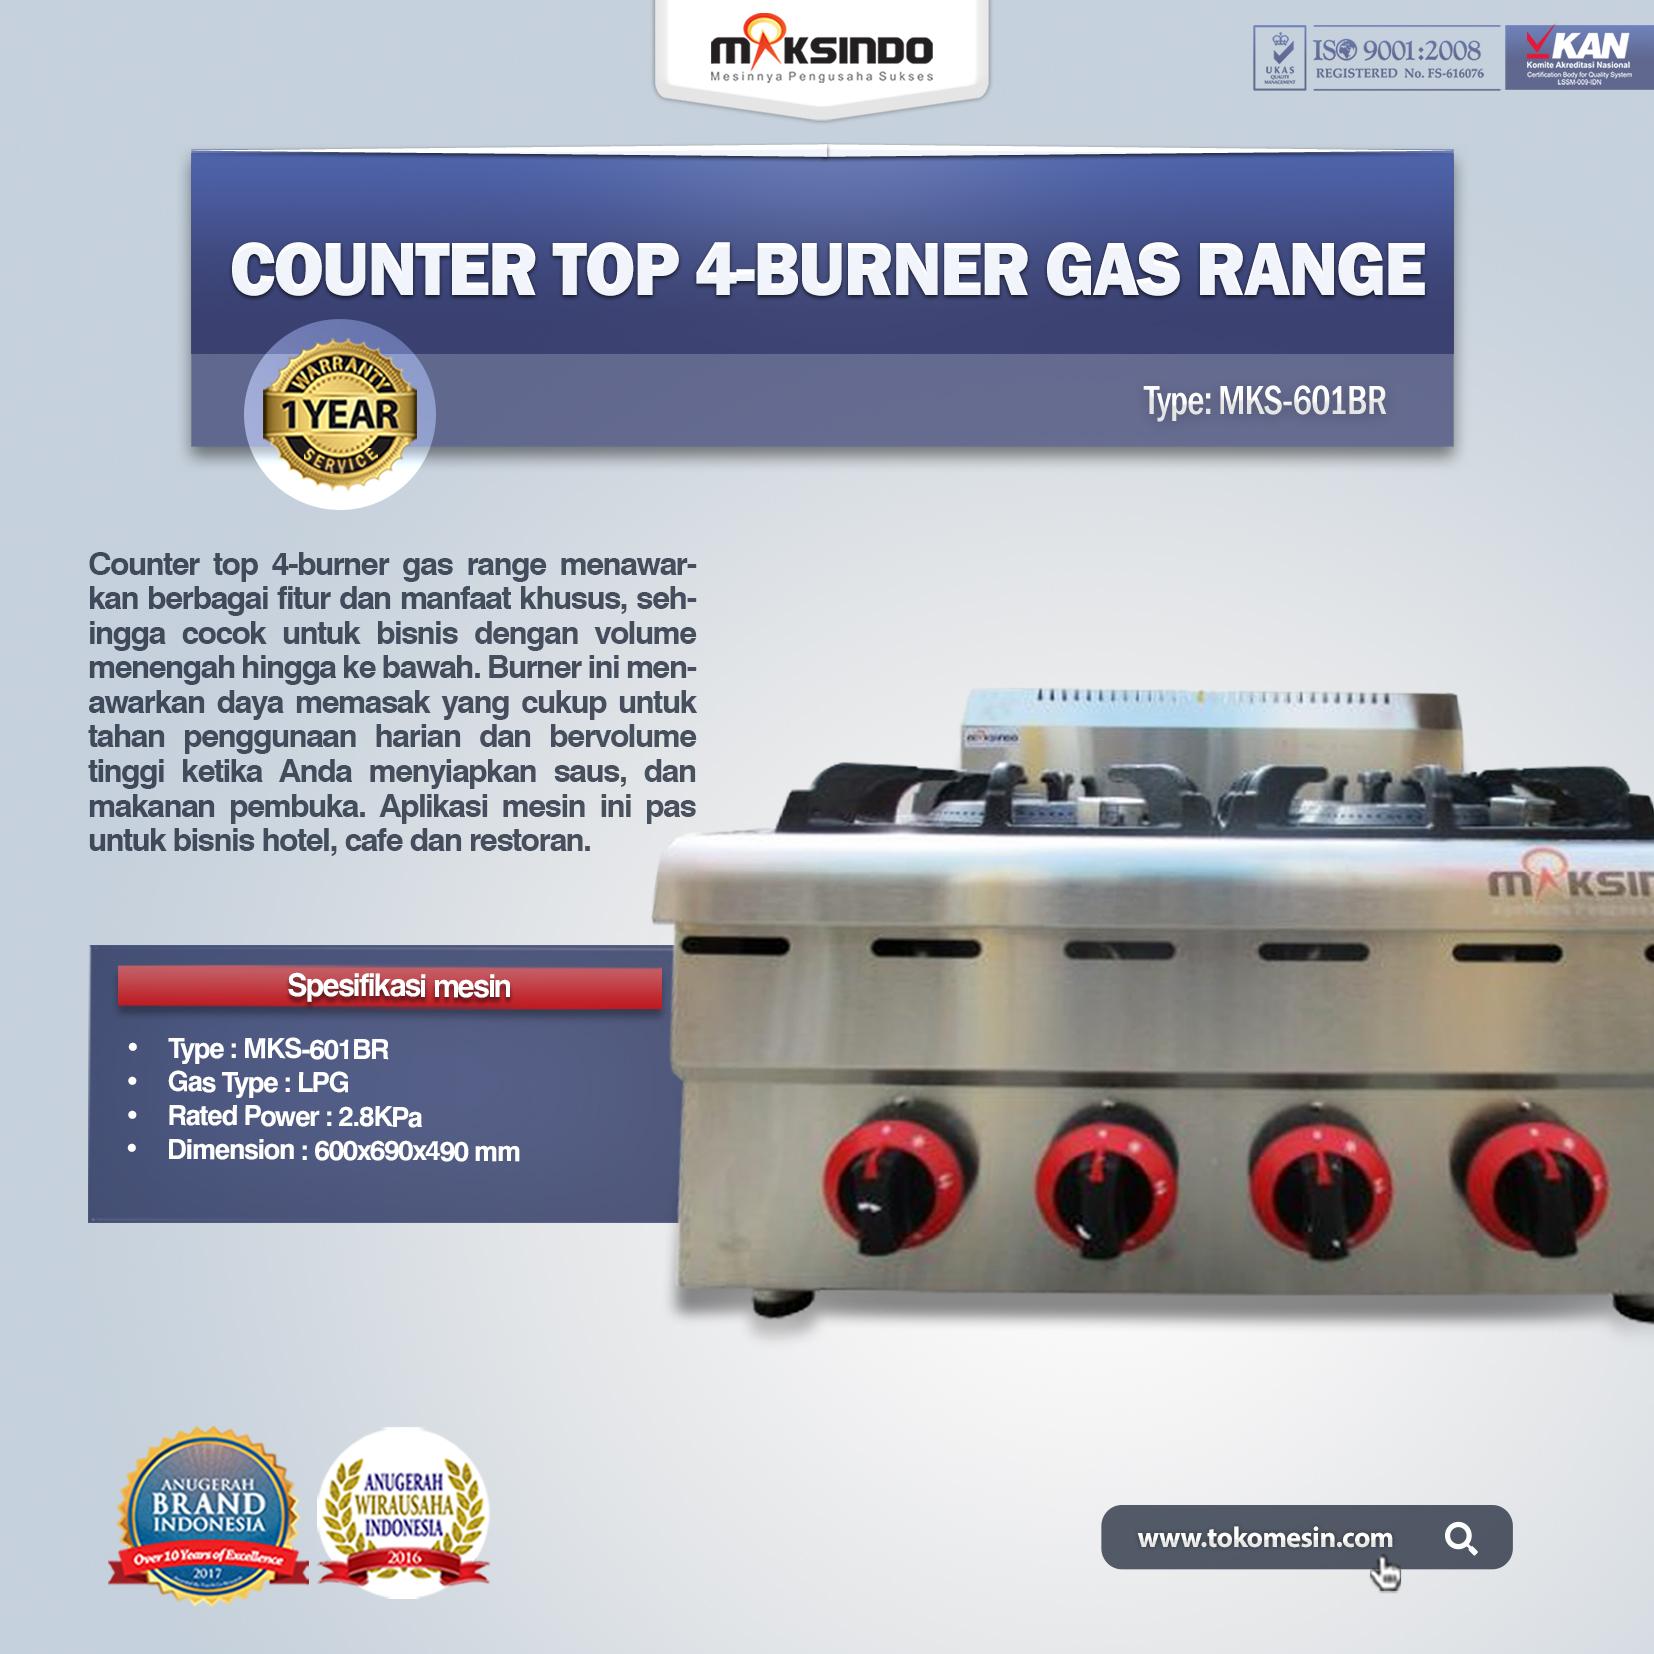 Counter Top 4-Burner Gas Range MKS-601BR